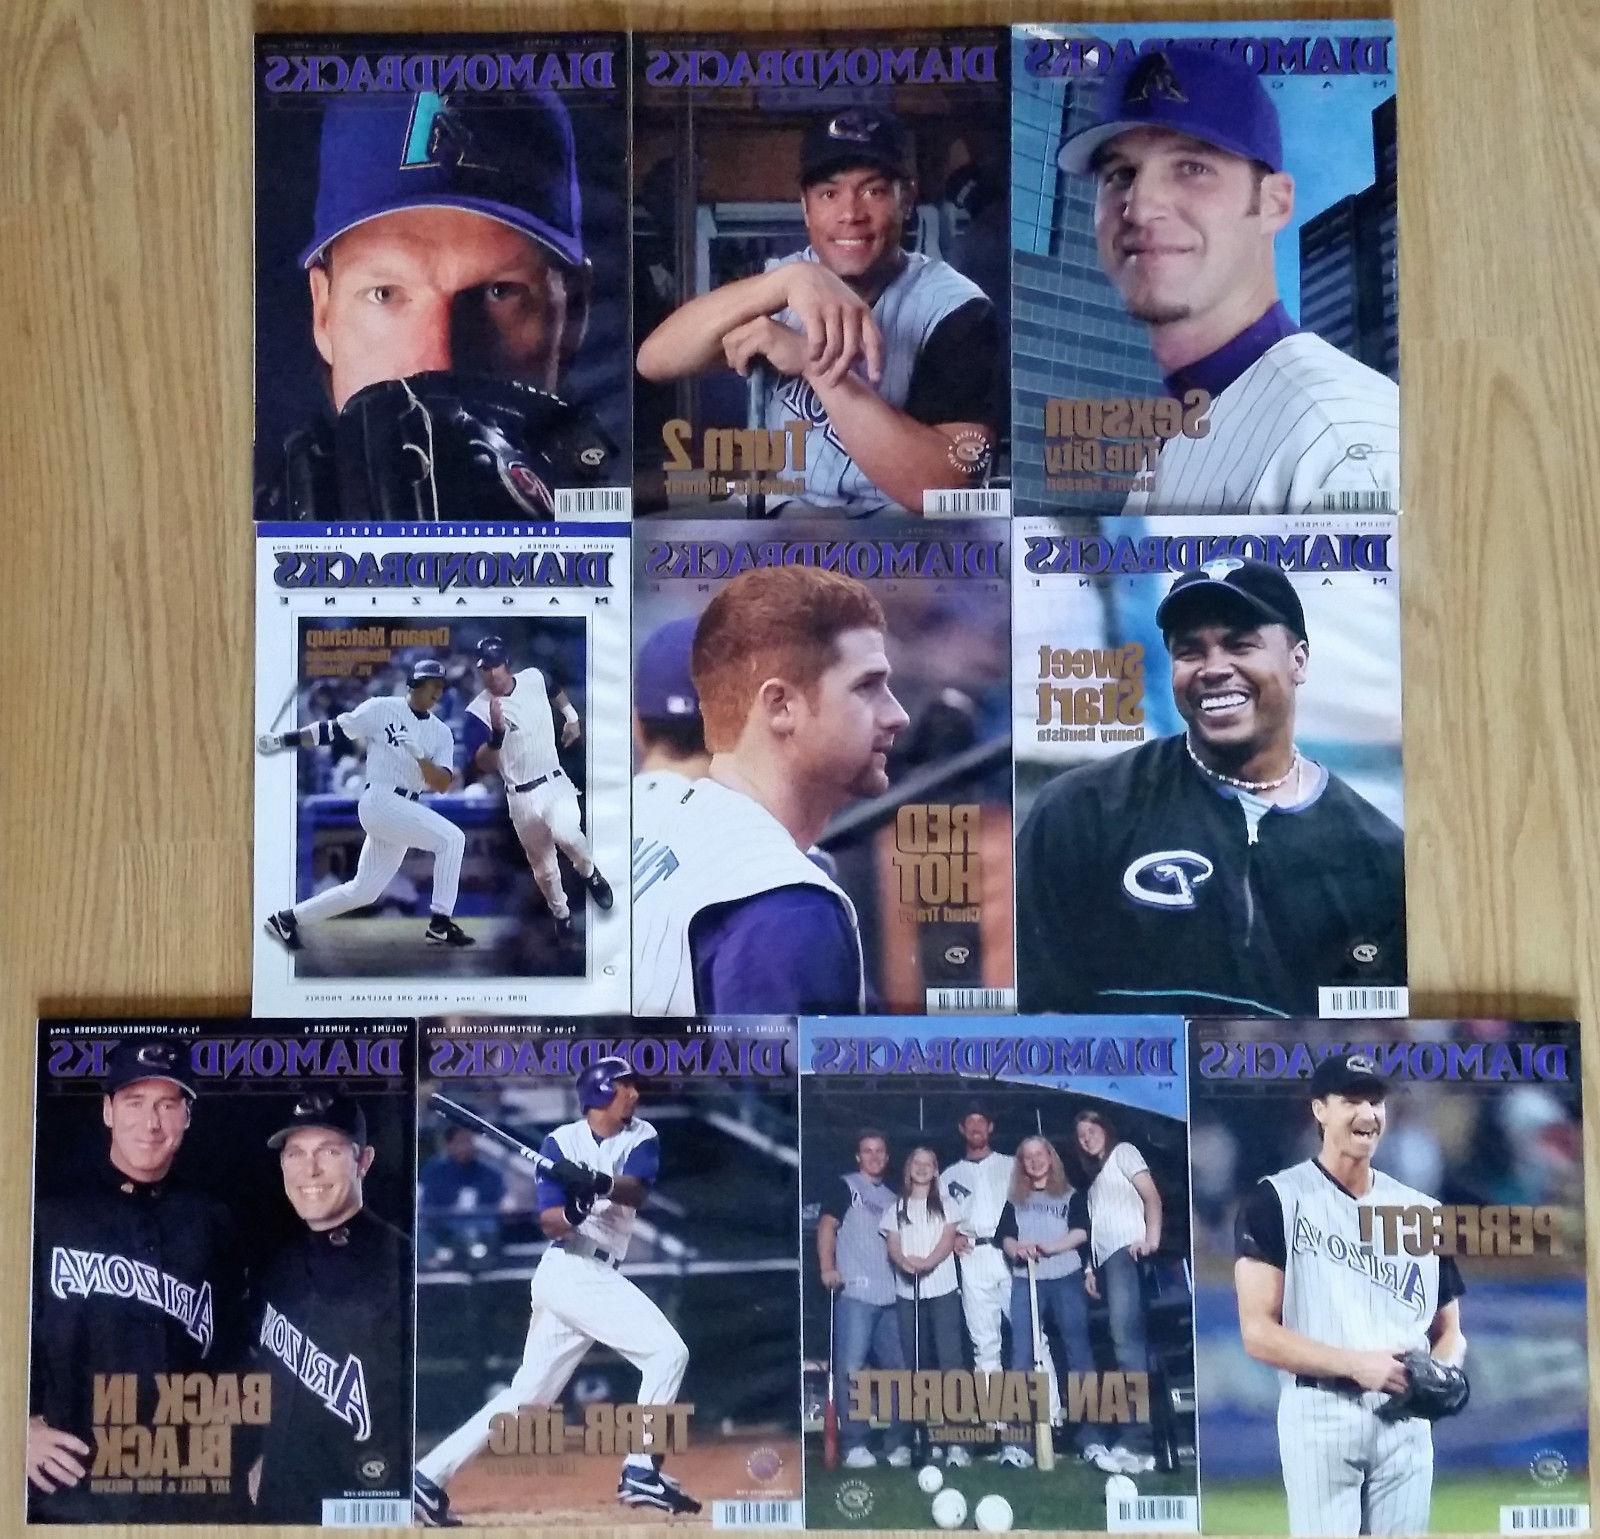 2004 arizona diamondbacks magazine dbacks mlb baseball